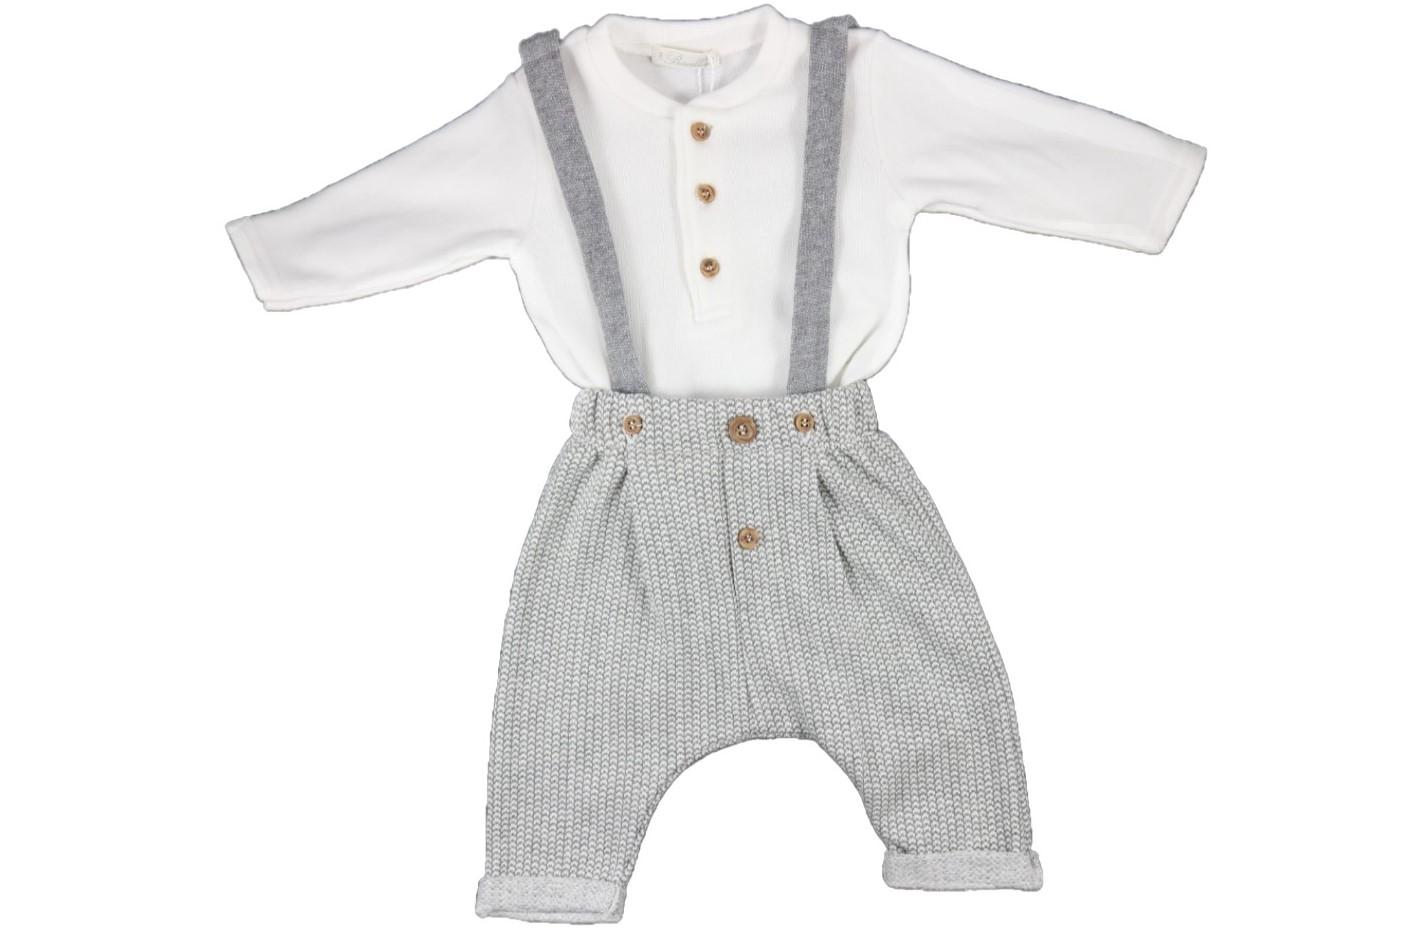 più economico online qui ultime tendenze del 2019 Barcellino abbigliamento per neonati e bambini - Winkids